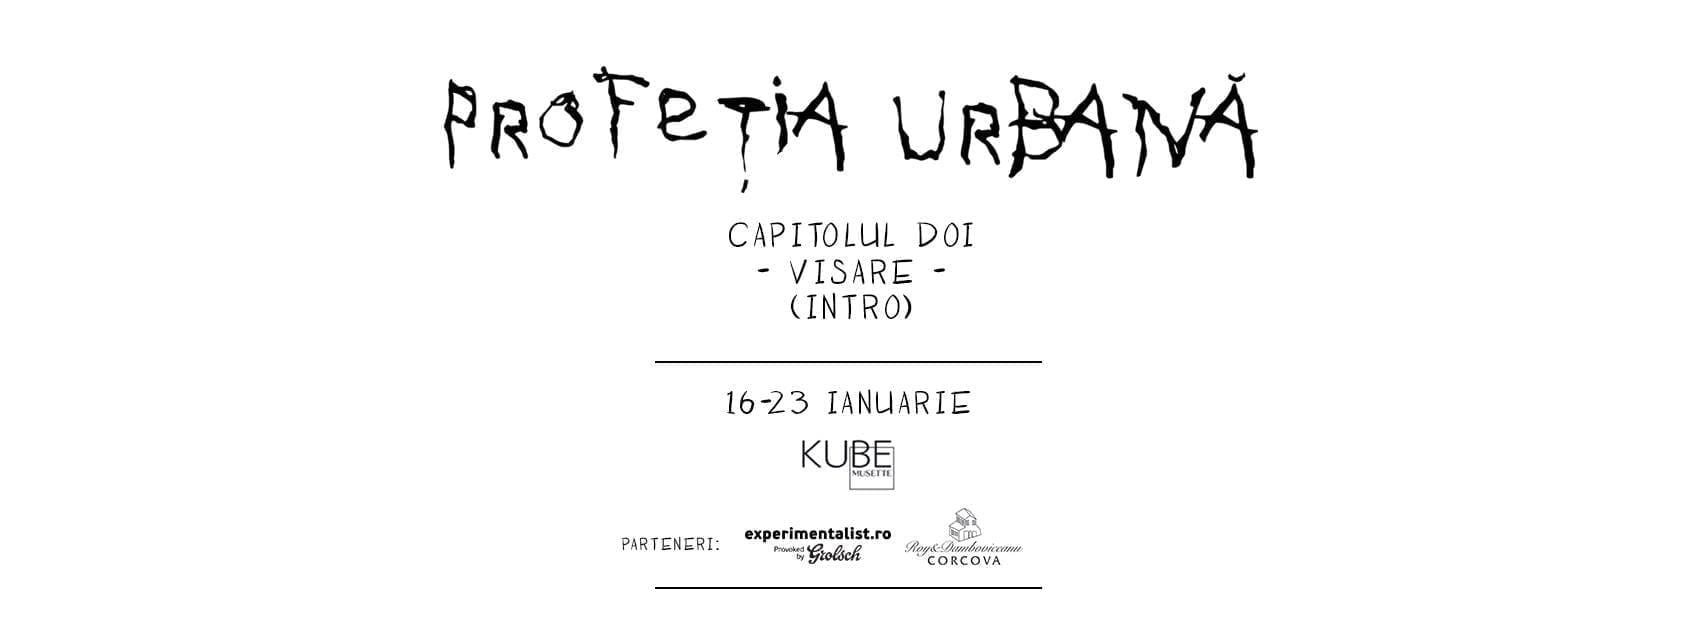 Profeția Urbană - Visare @ Kube Musette